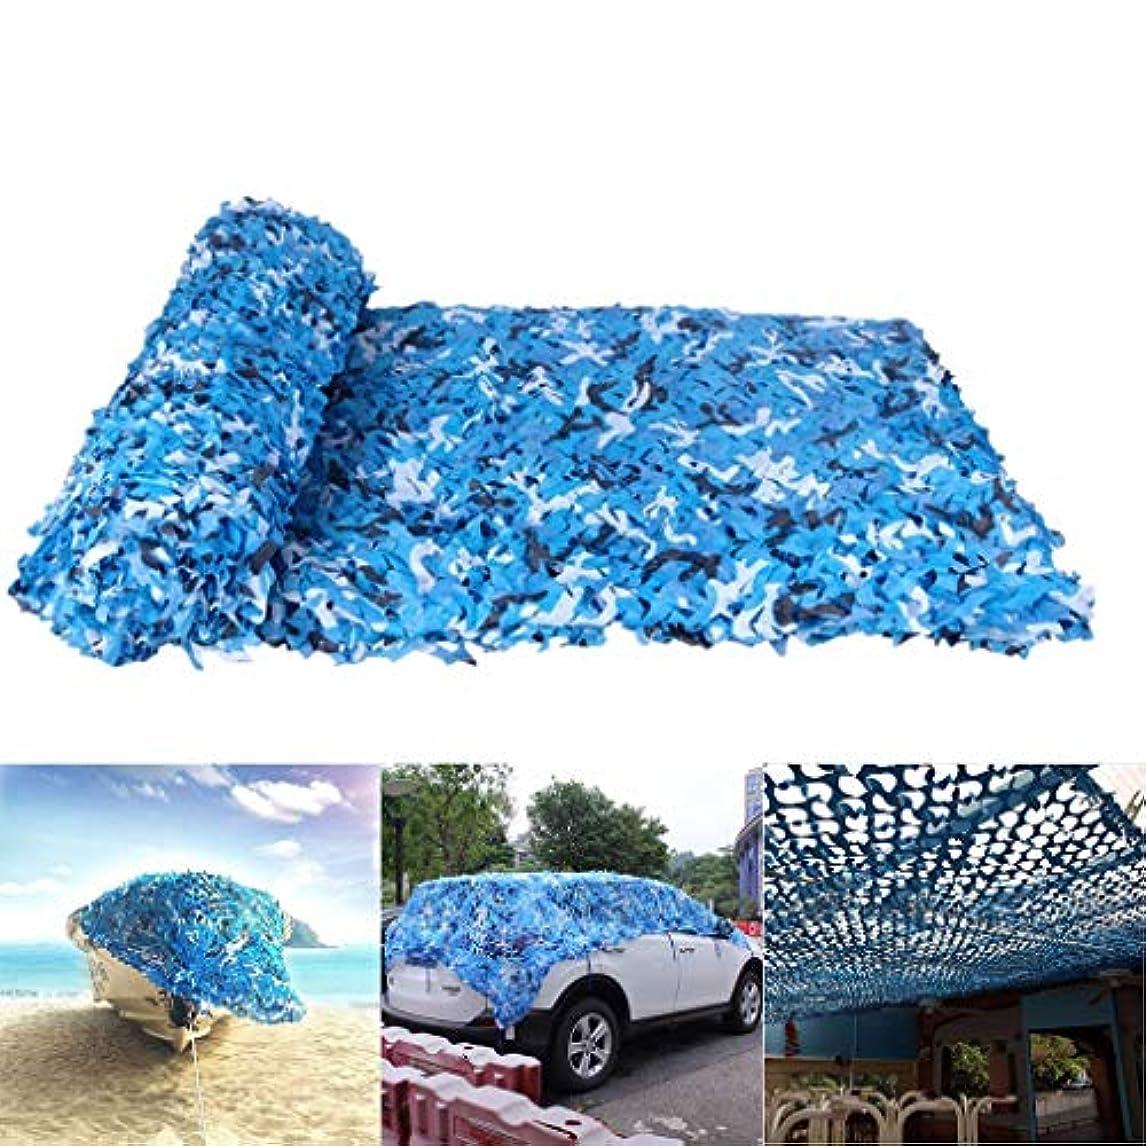 好戦的な農業のクロール装飾のキャンピングカーのための青い迷彩の網の迷彩網の浜の陰の網は日よけ2x3m / 3x3m / 3x4m / 4x5mを覆います (Color : Blue, Size : 5x10m)